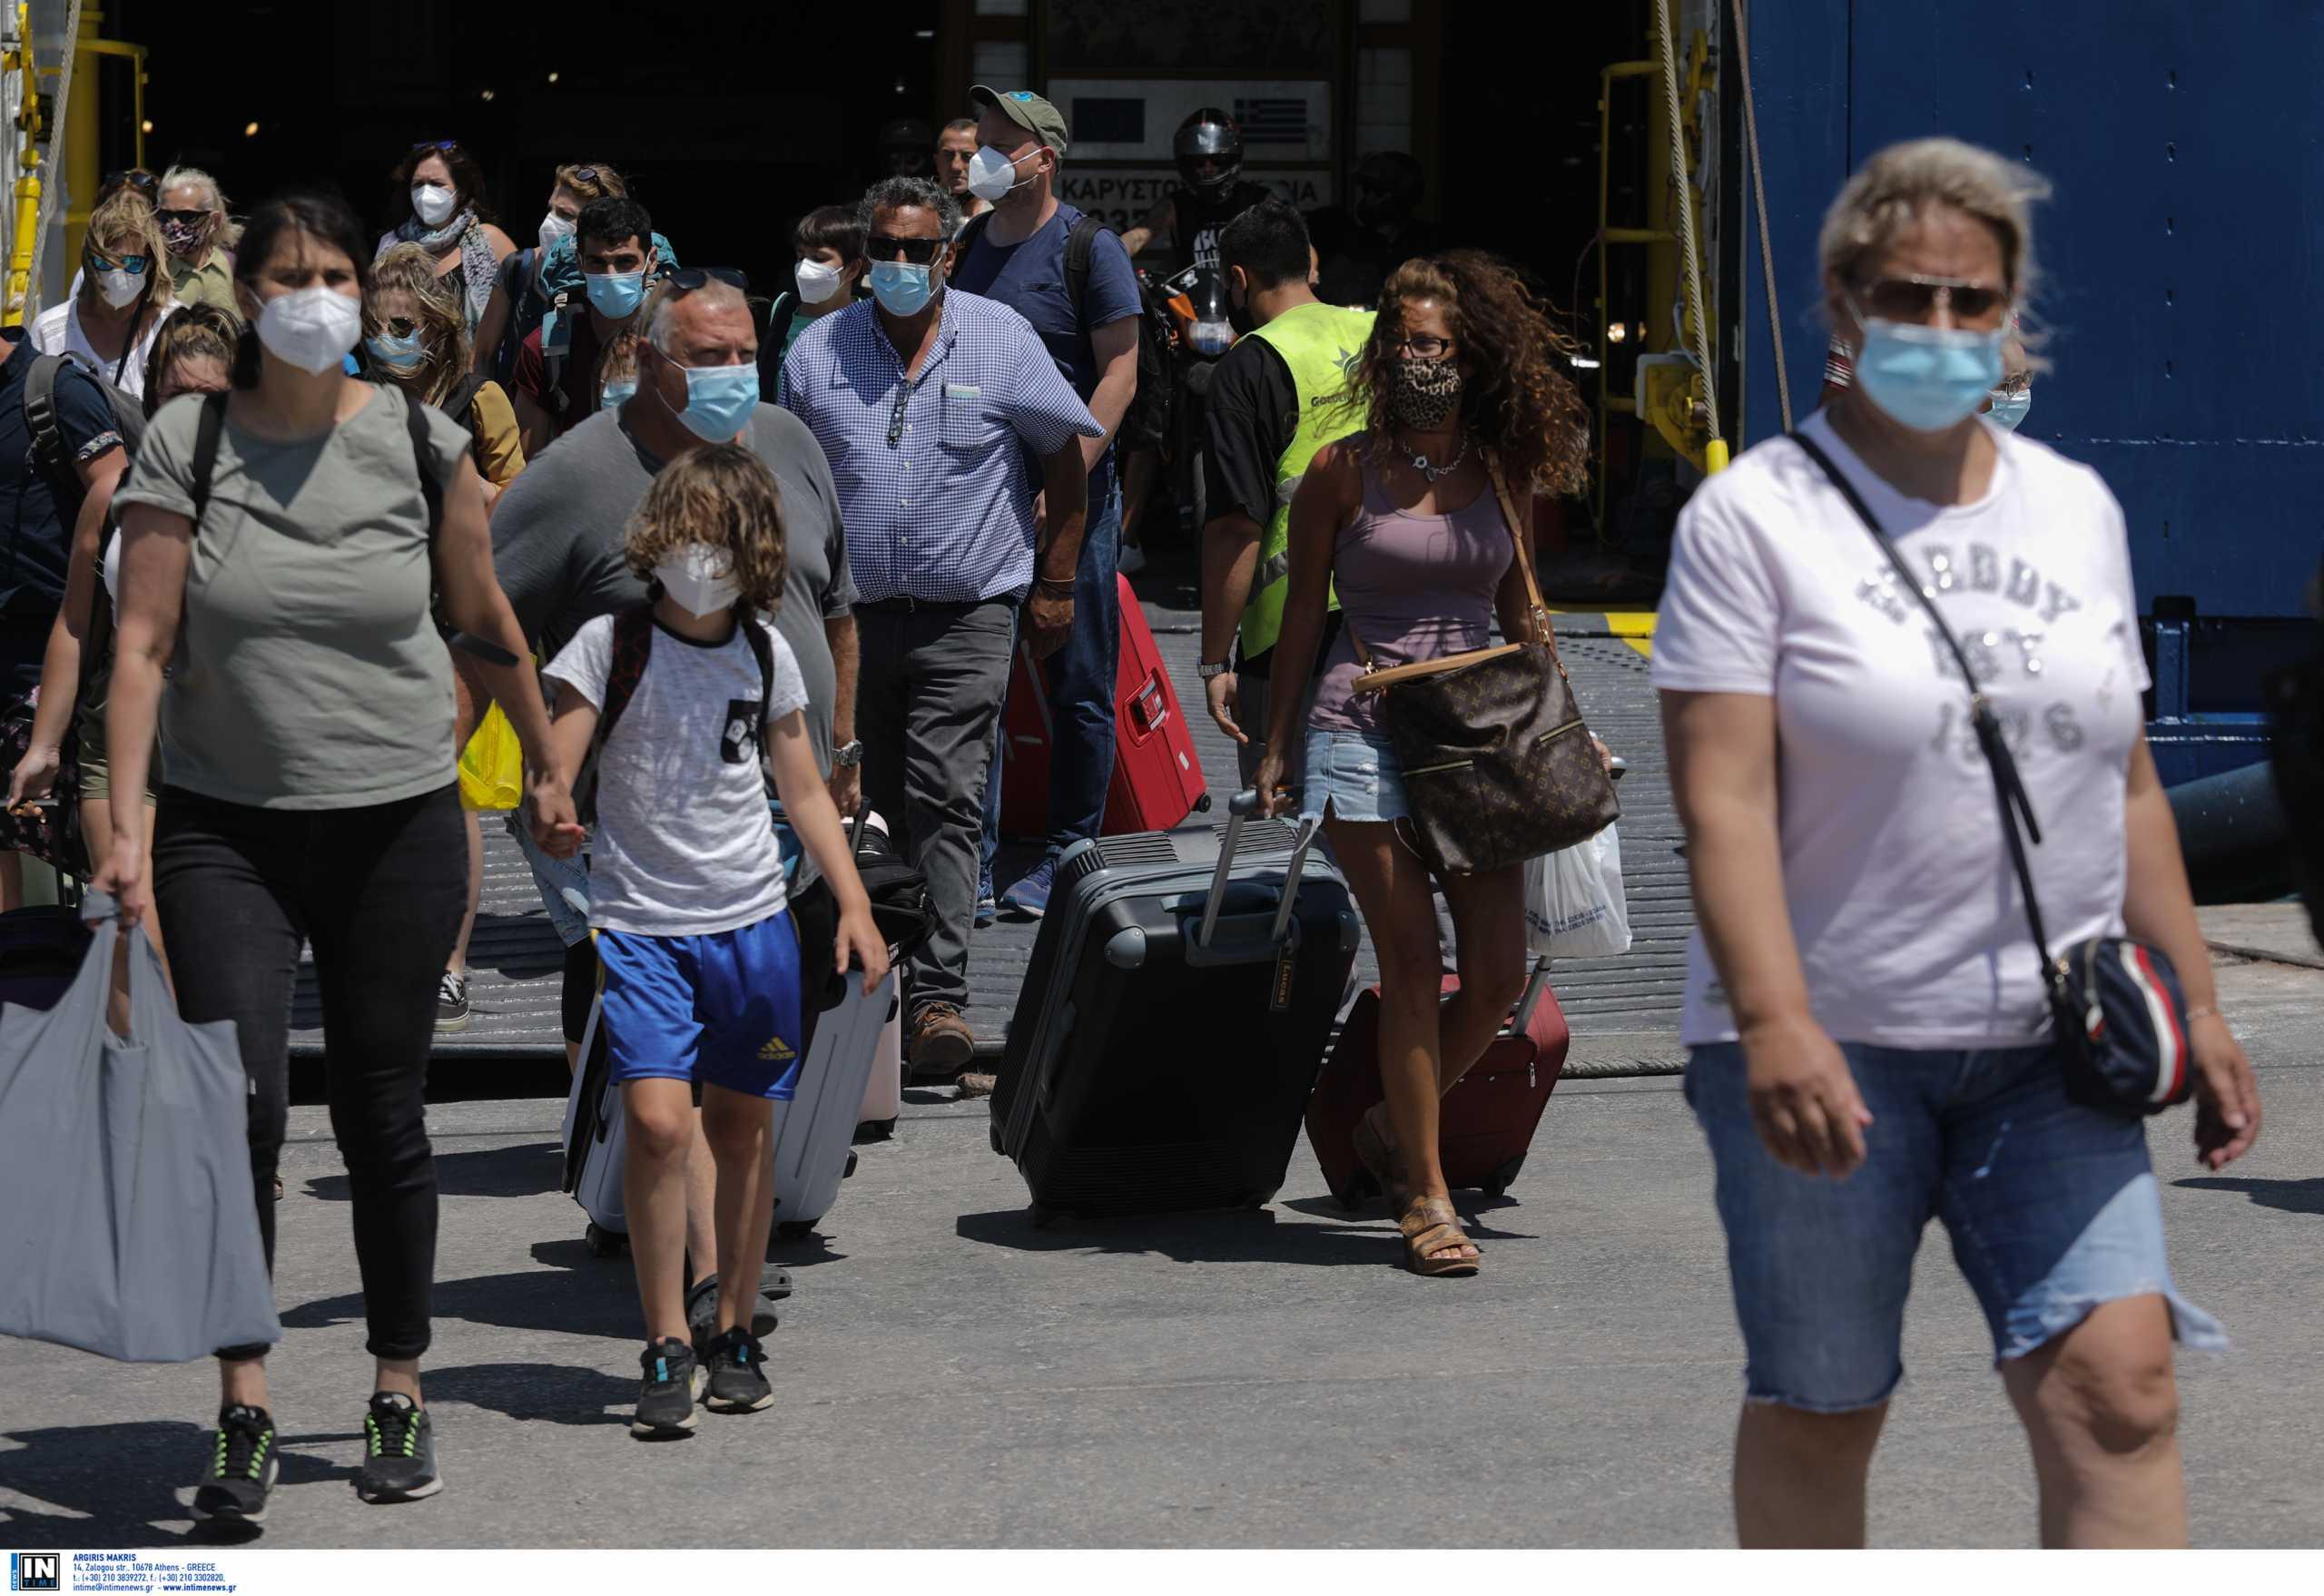 Κορονοϊός: 2.286 νέα κρούσματα σήμερα (04.09.2021) στην Ελλάδα – 30 νεκροί, 381 διασωληνωμένοι